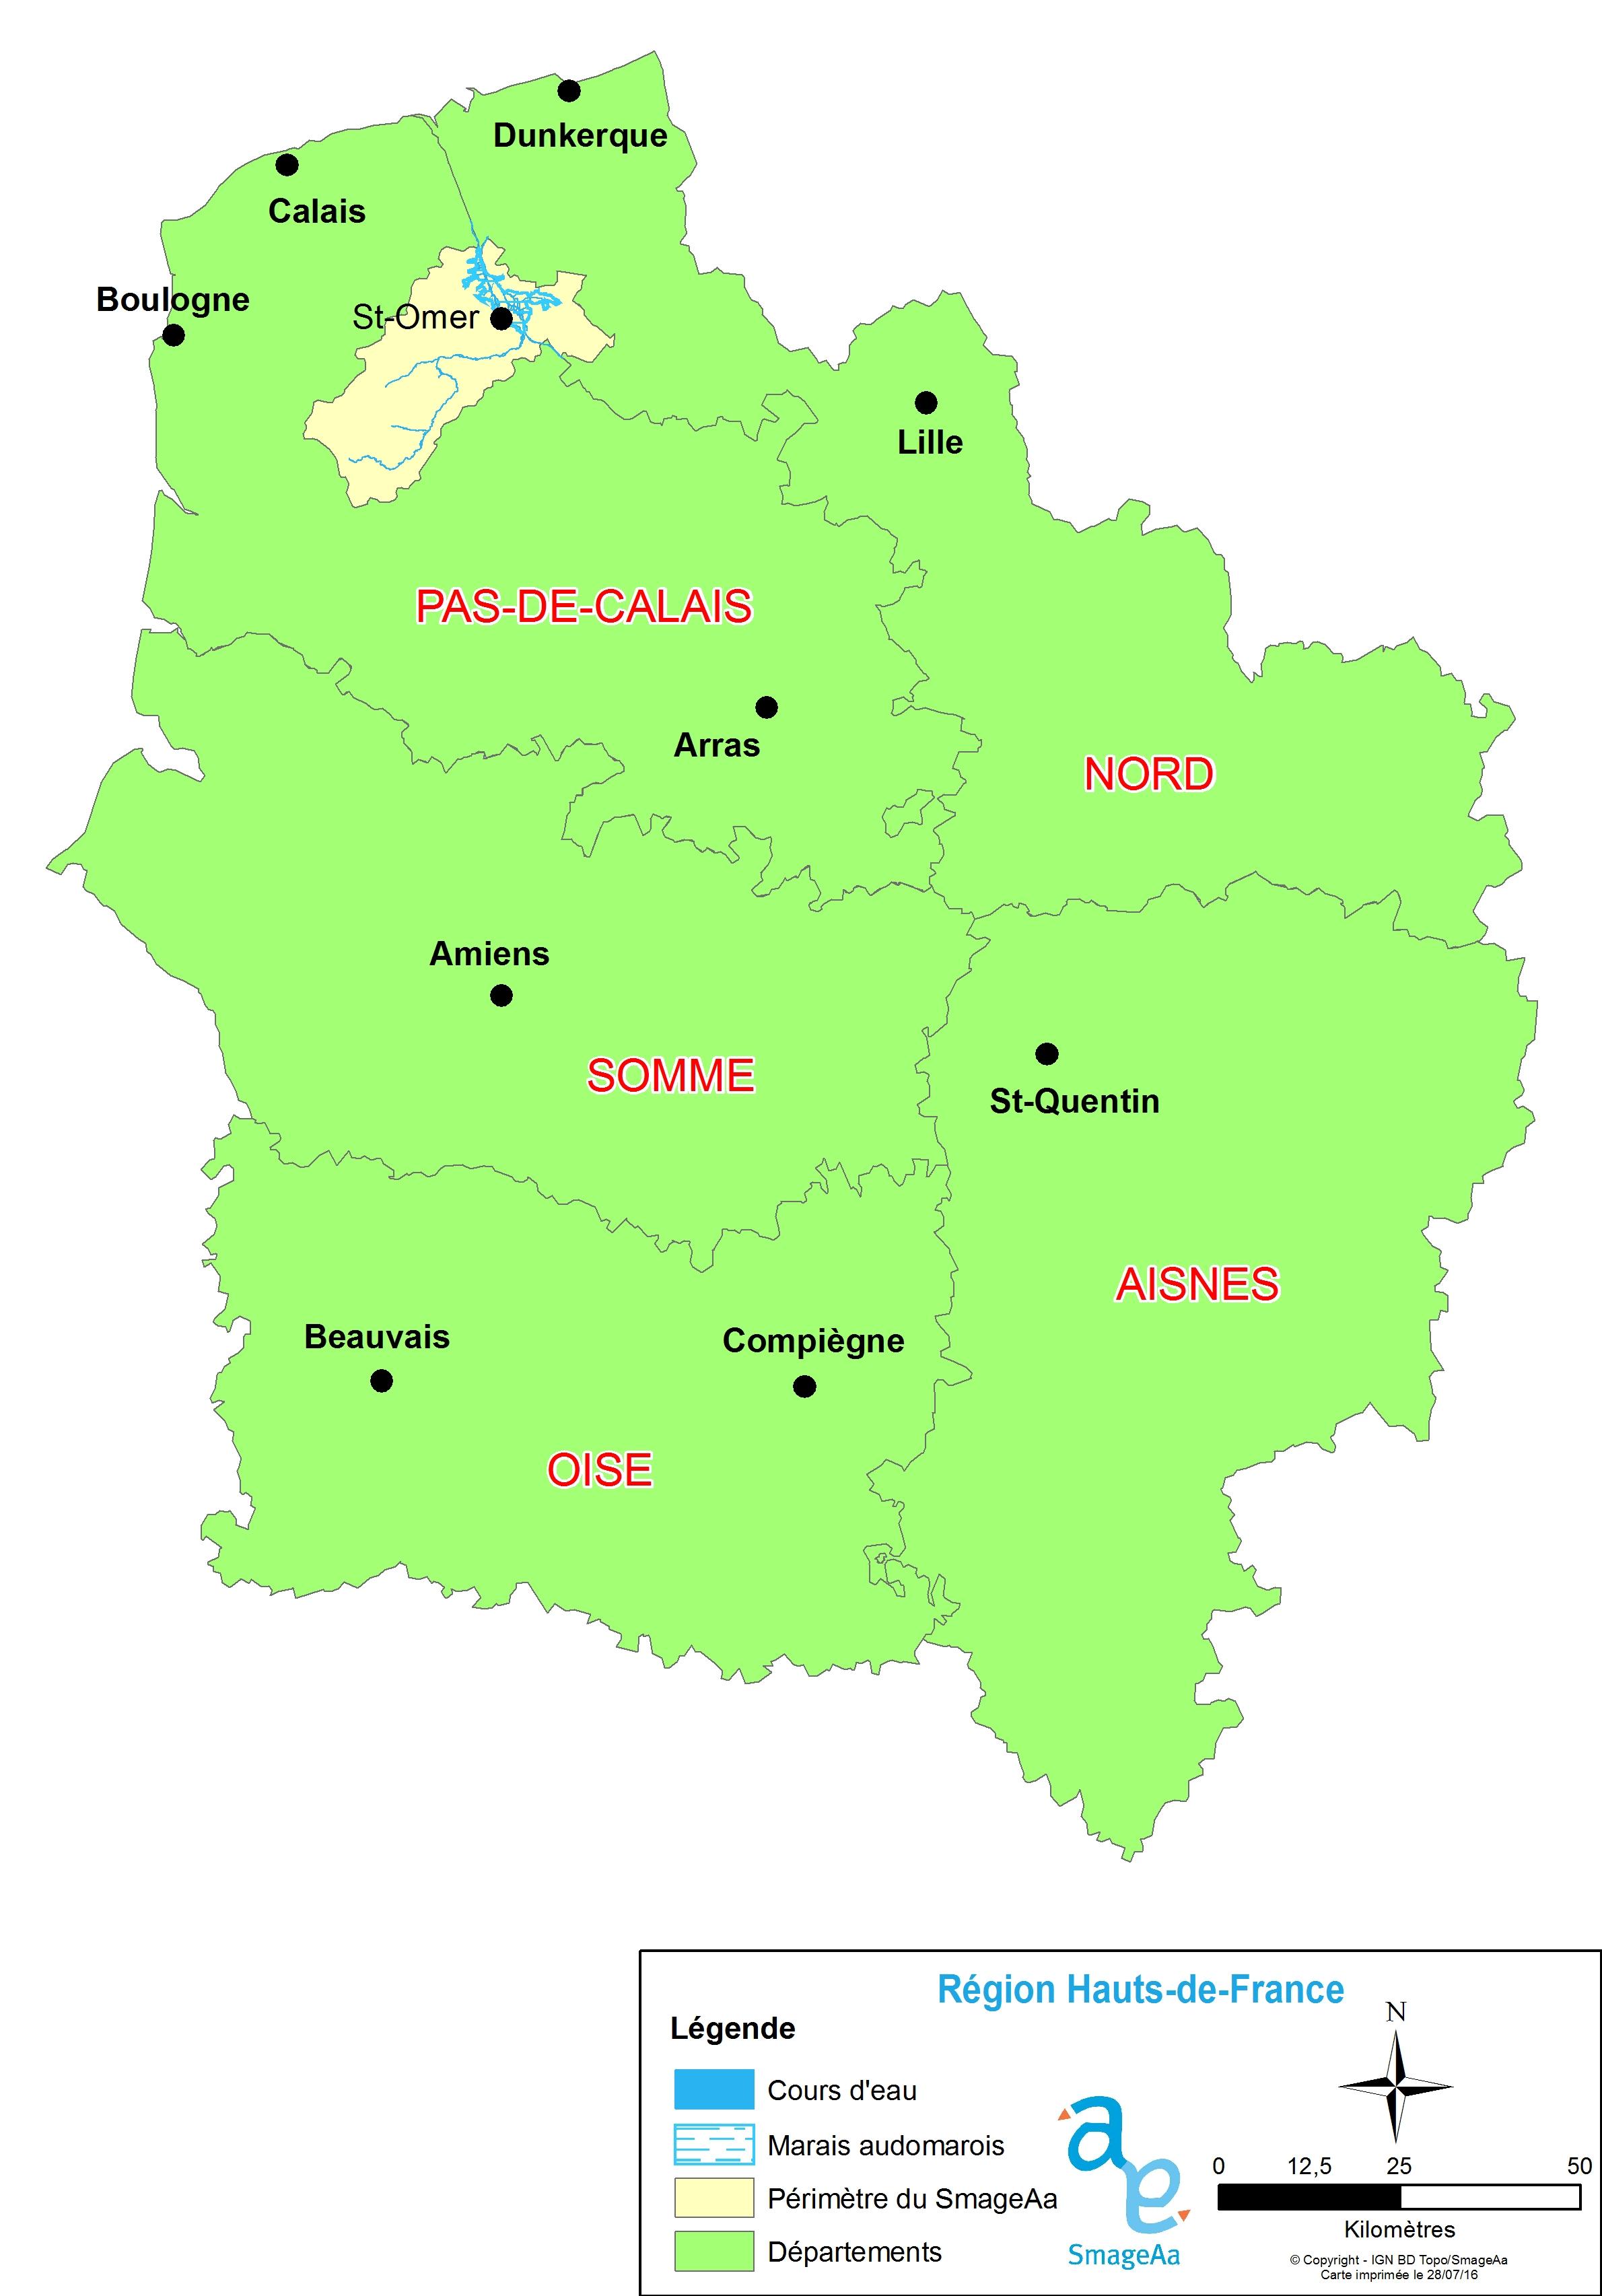 Le SmageAa dans la Région Hauts de France